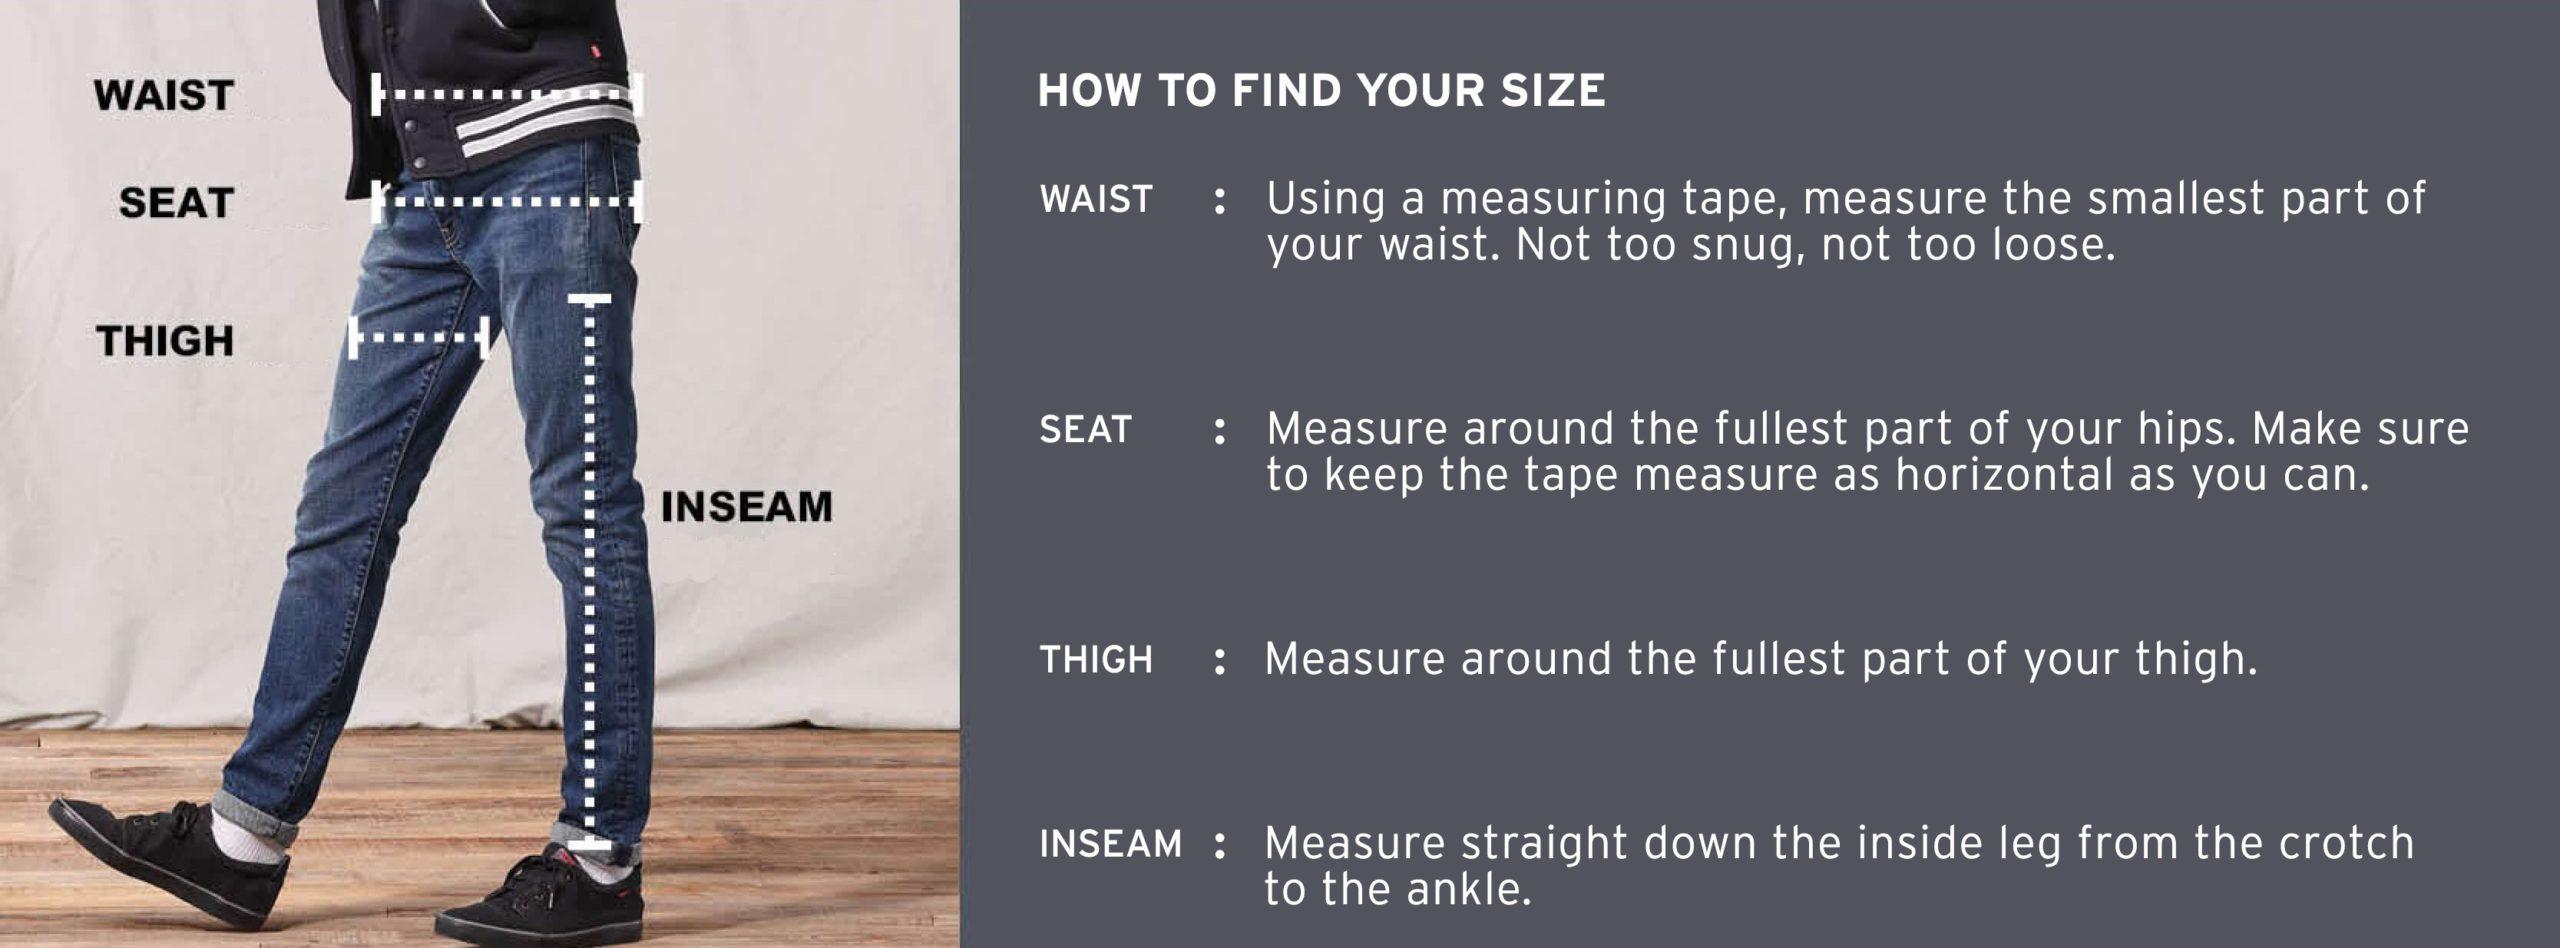 Levi's Jeans Size Chart